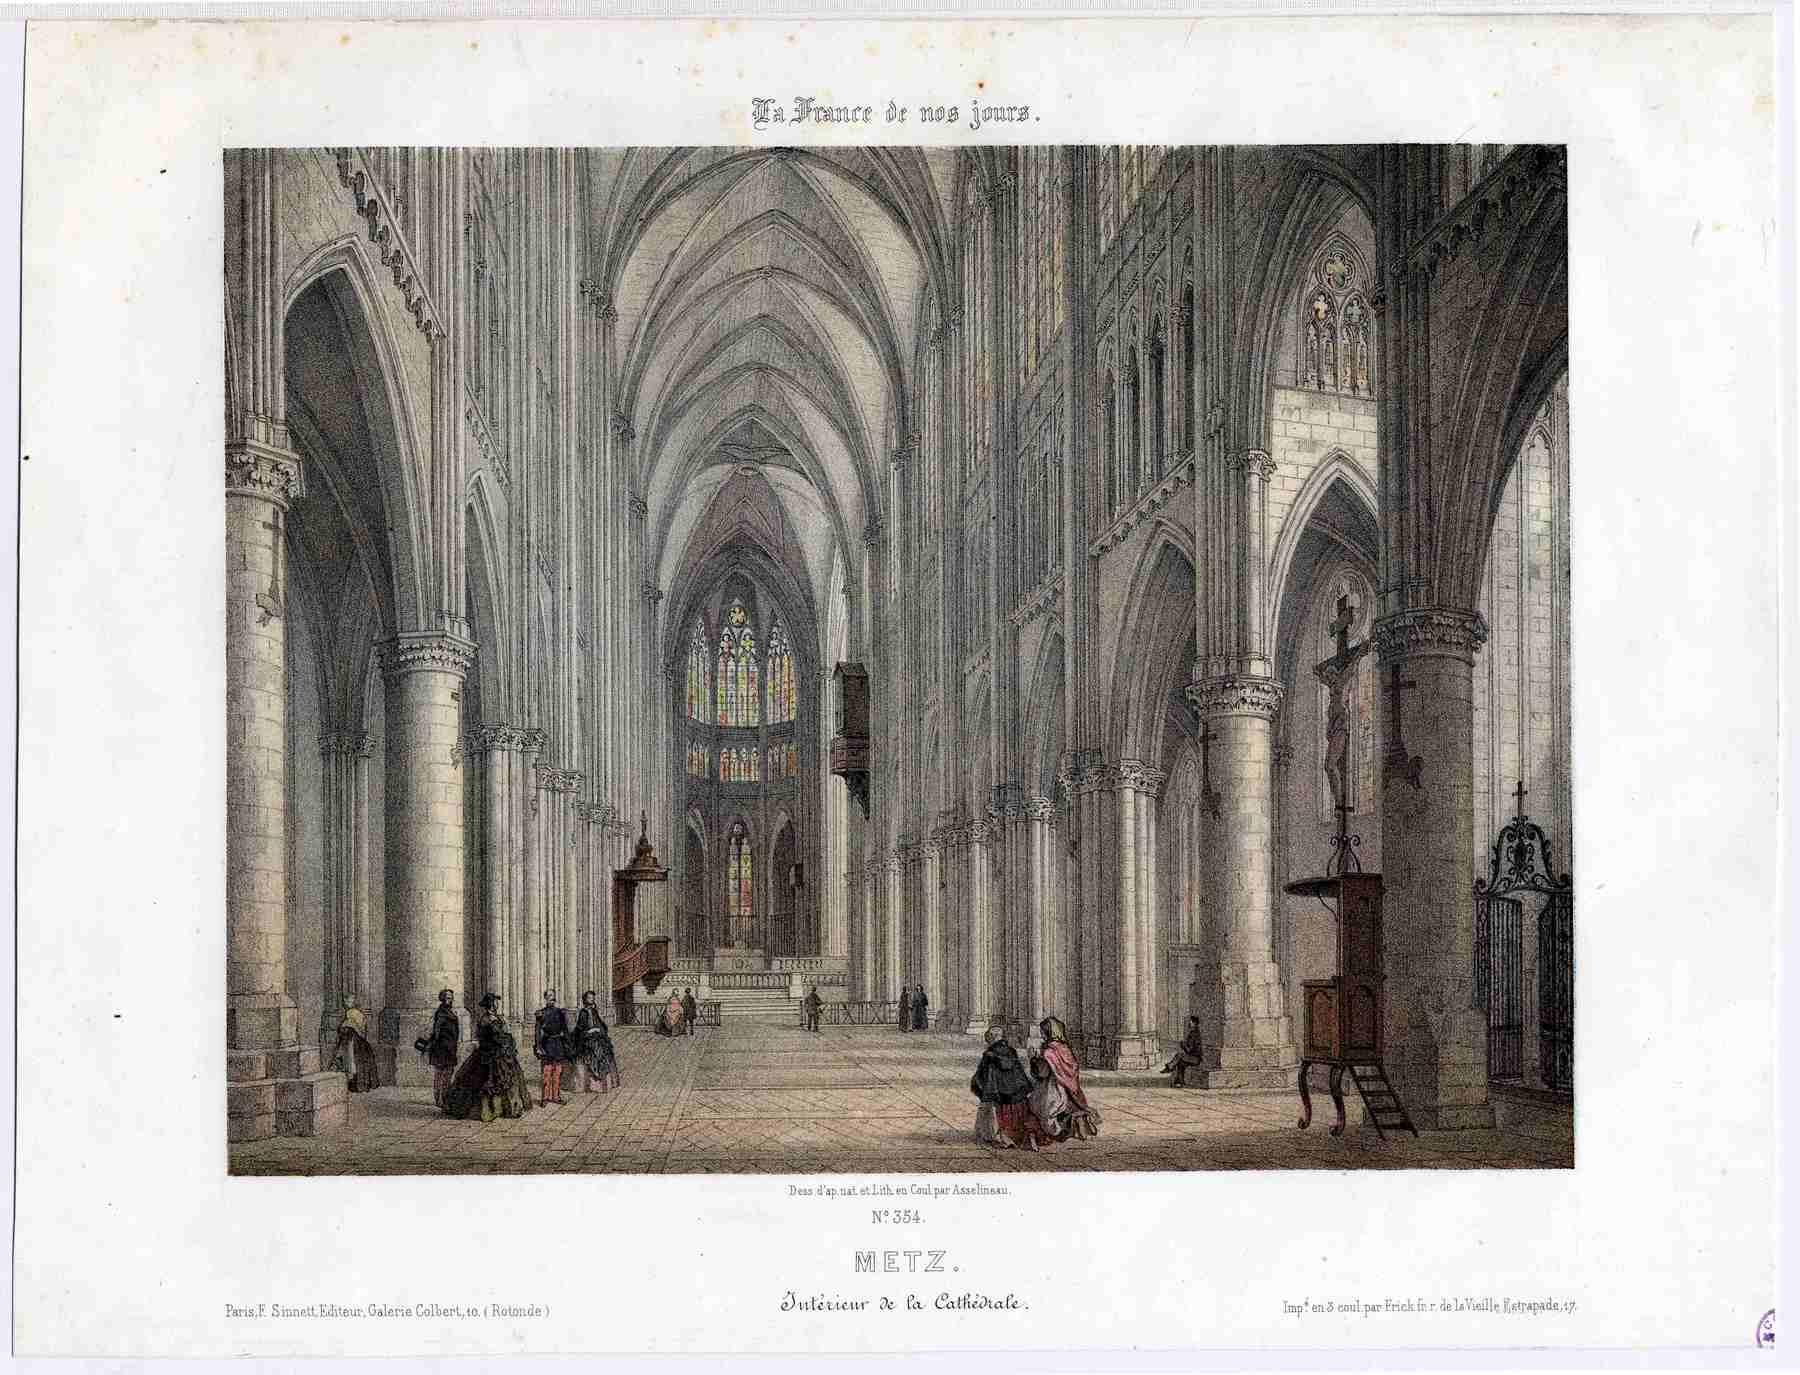 Contenu du La France de nos jours: Metz : intérieur de la cathédrale